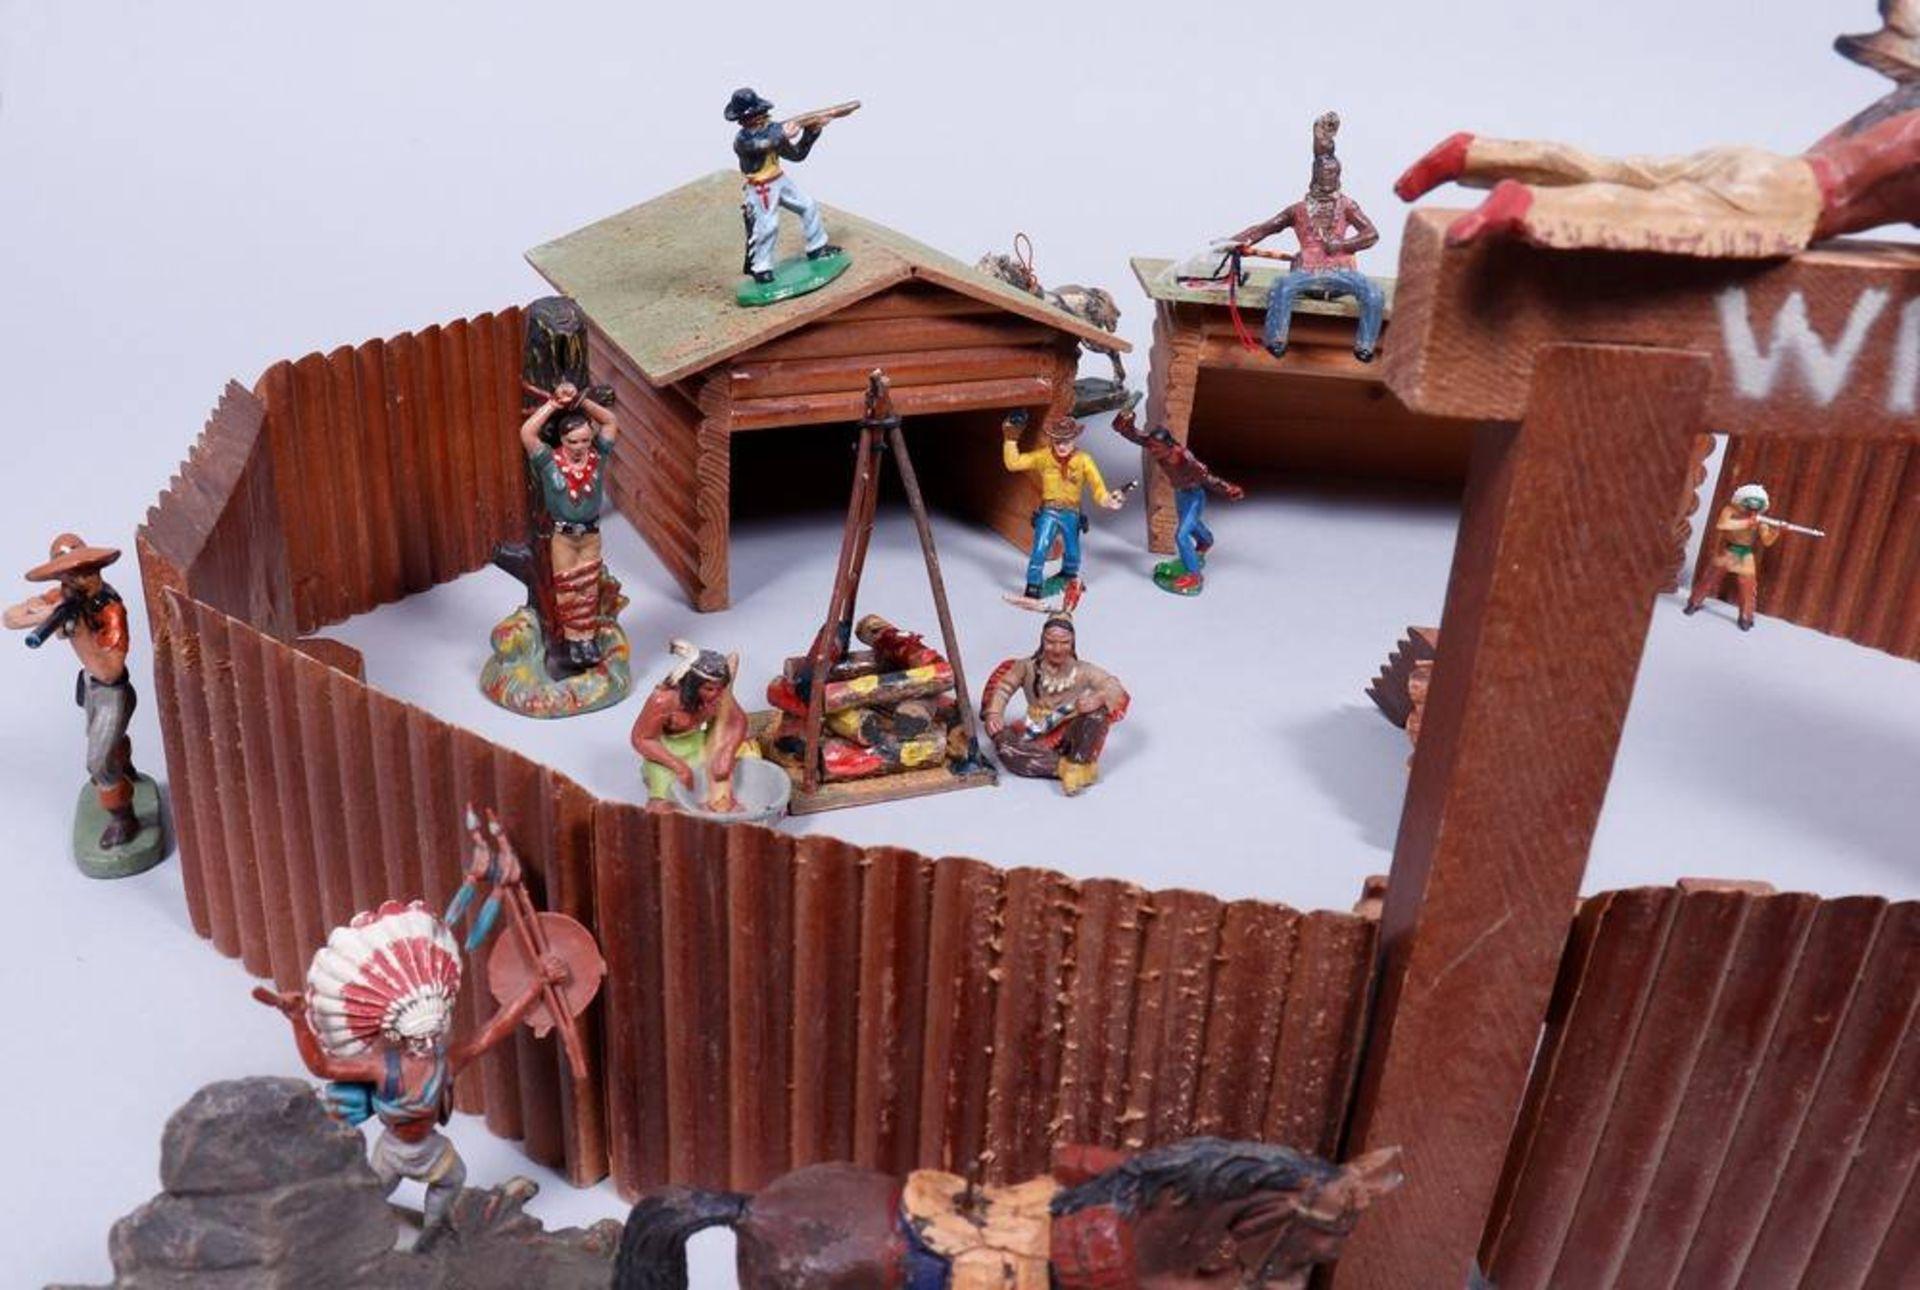 Western-Fort mit Figuren, Elastolin, Leyla u.a., um 1950/60 - Bild 5 aus 5